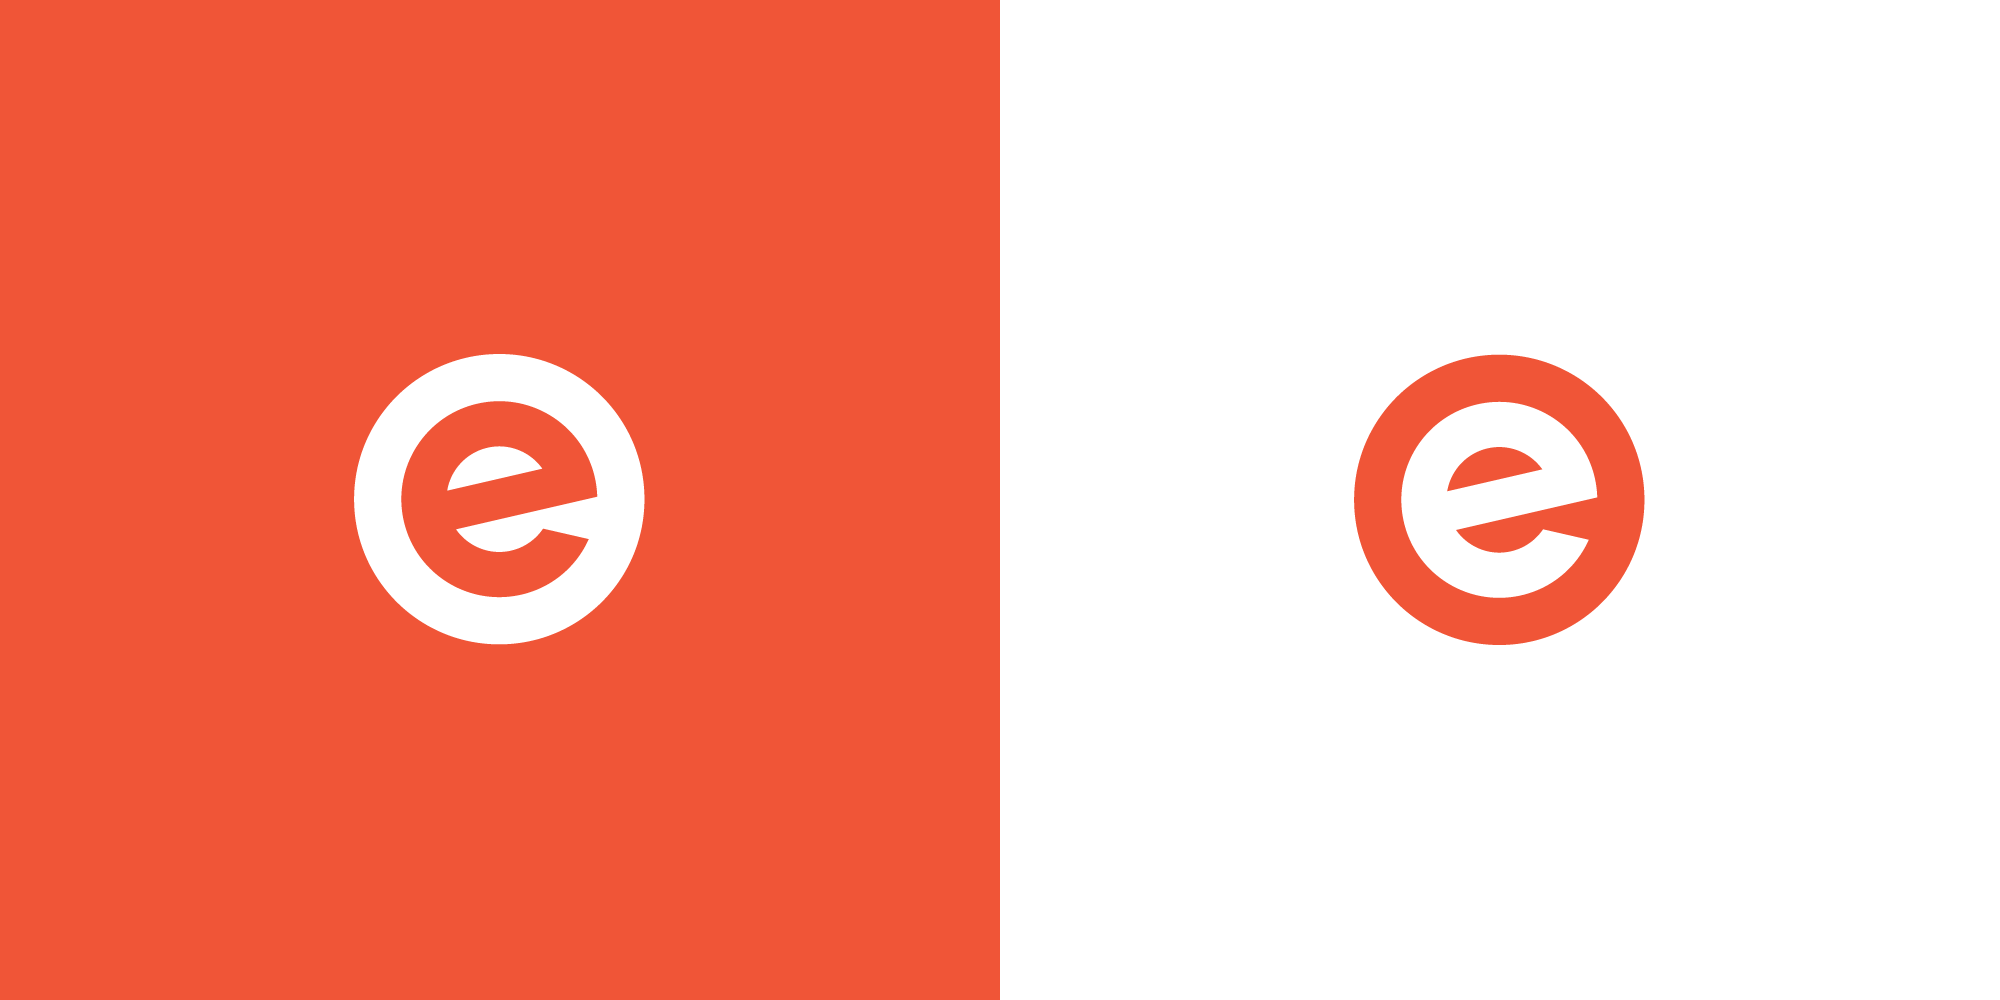 New Logo for Eventbrite